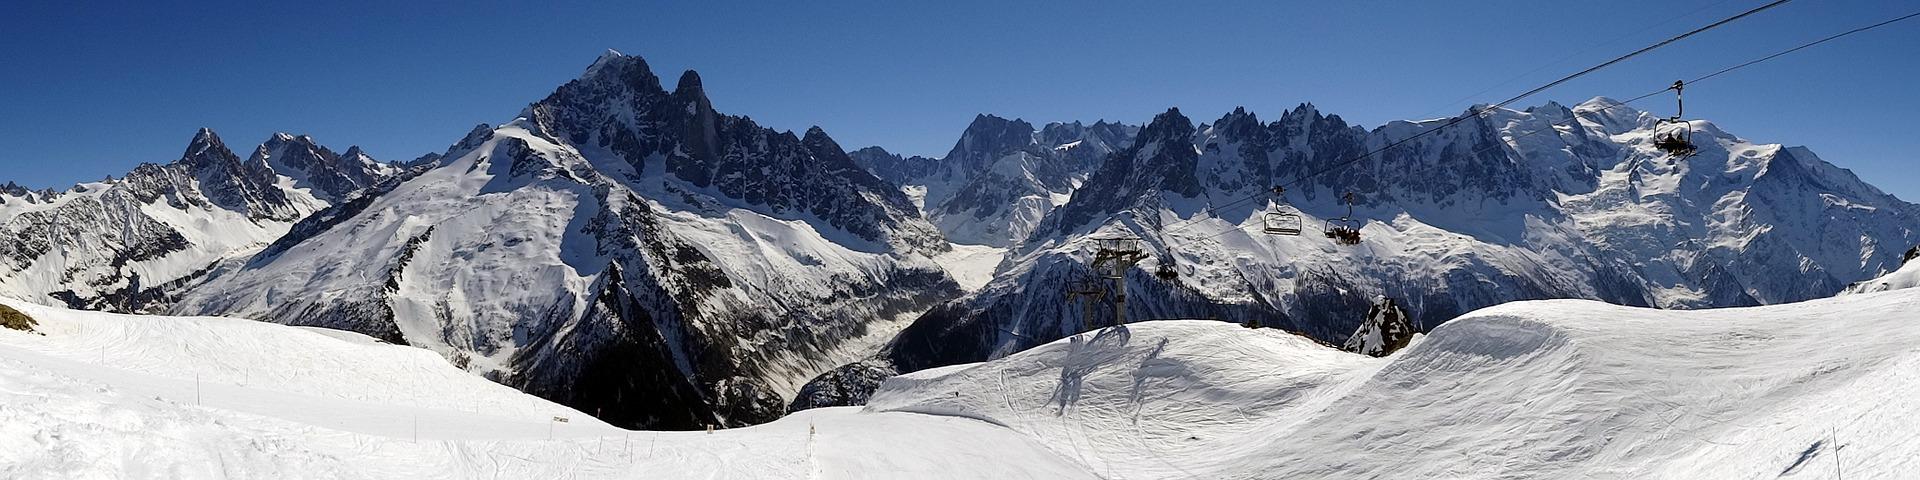 Tag på skitur med vennerne med et kontantlån fra nettet